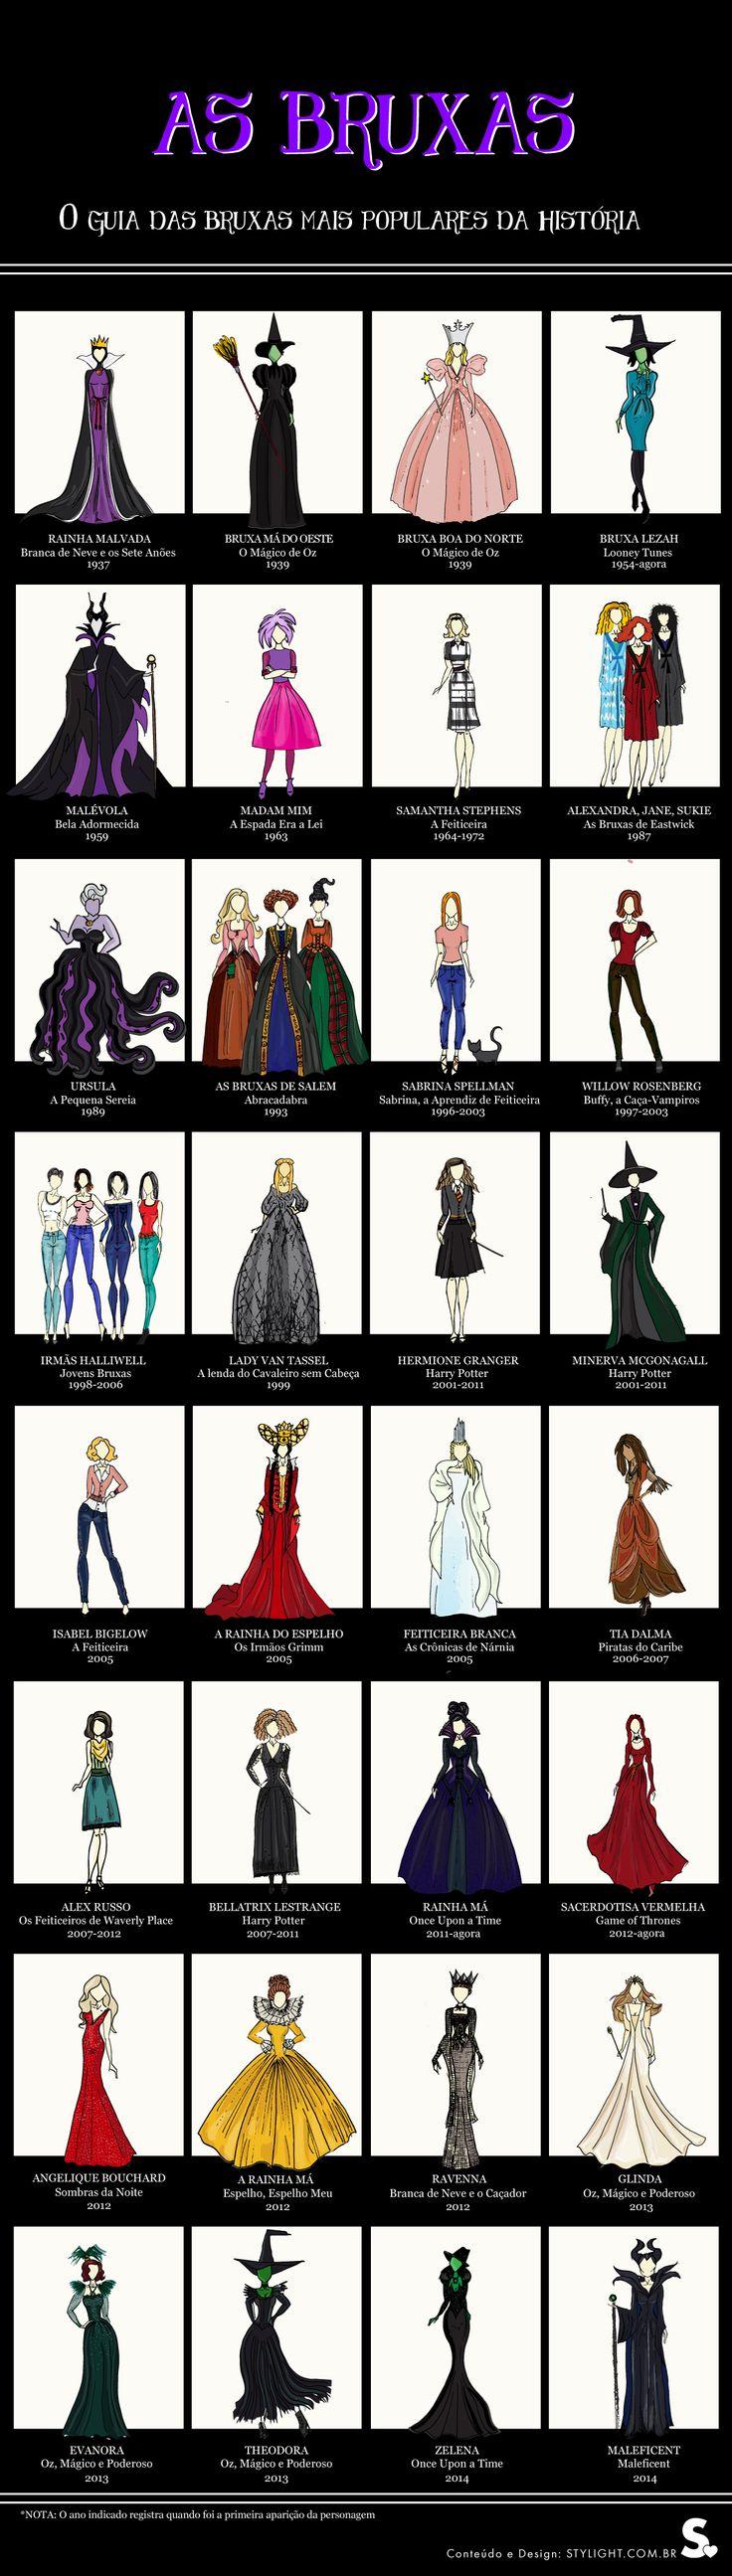 Relembre algumas das bruxas mais famosas da História [infográfico]